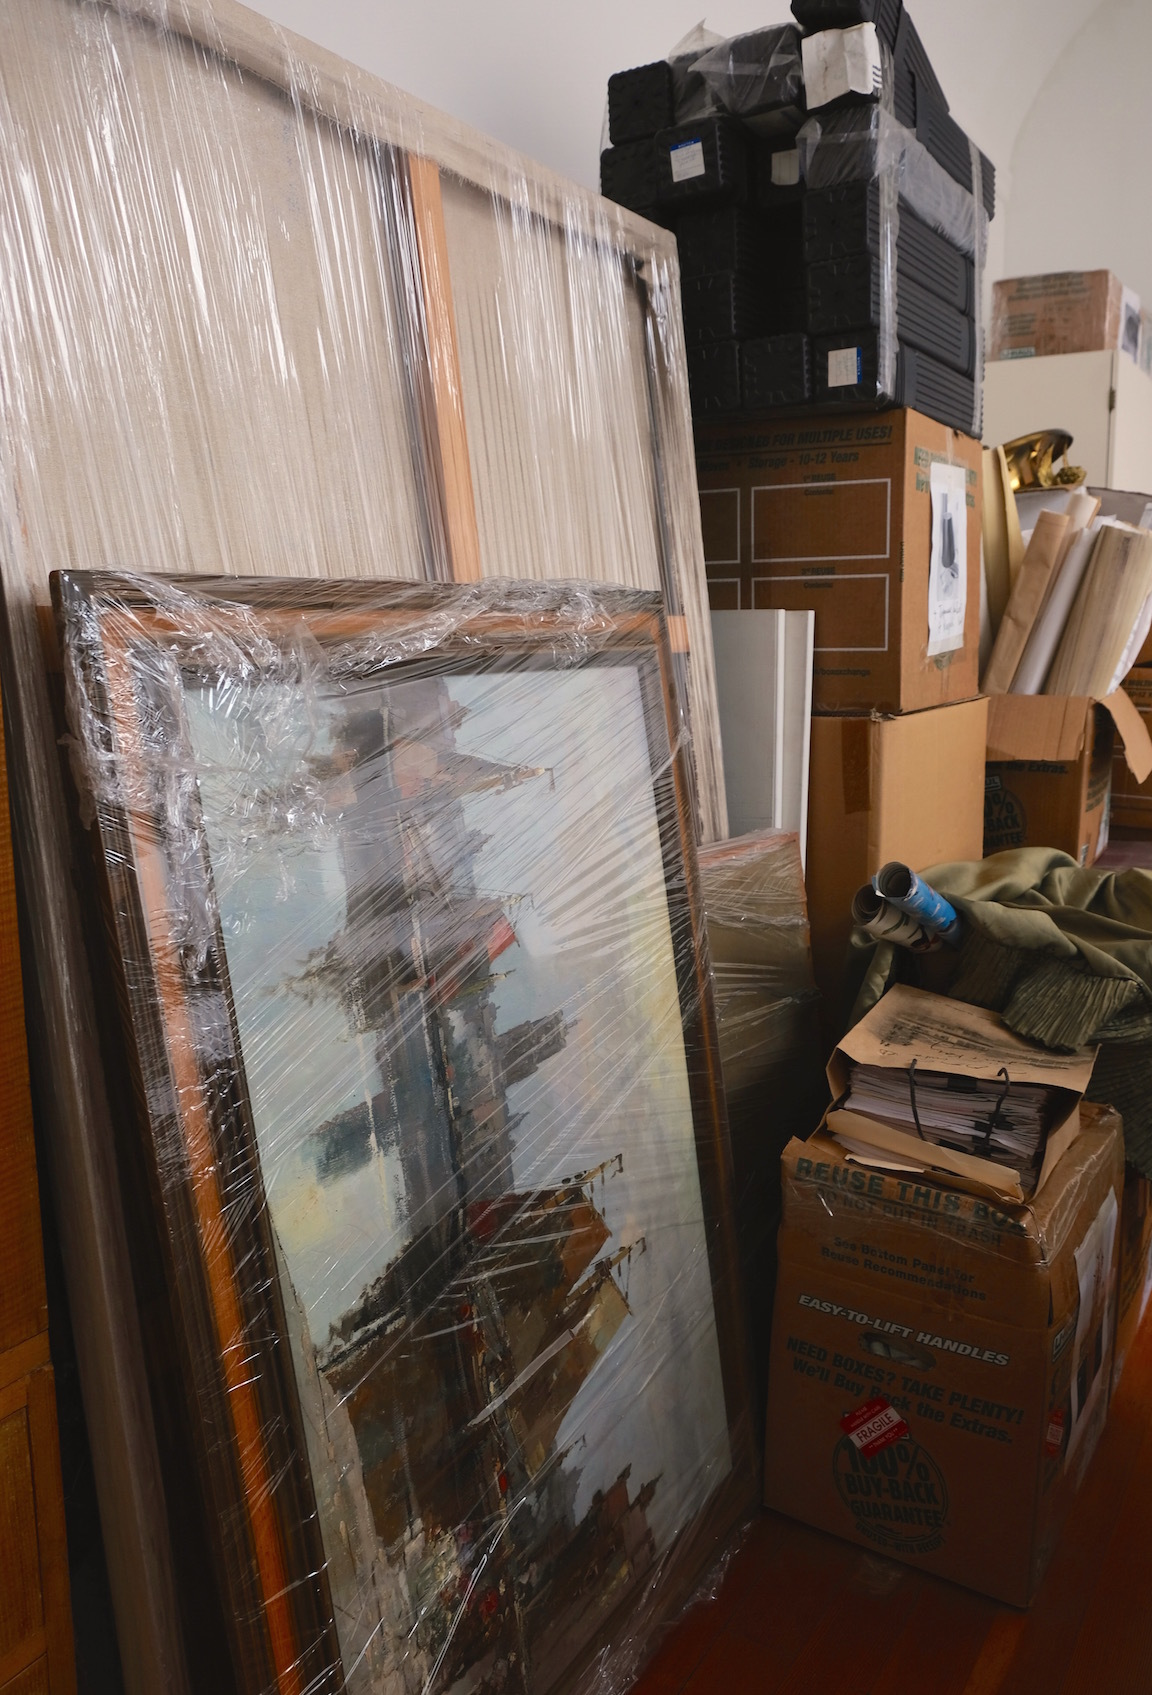 家中、絵だらけ/ Too Many Paintings_e0310424_10151545.jpg